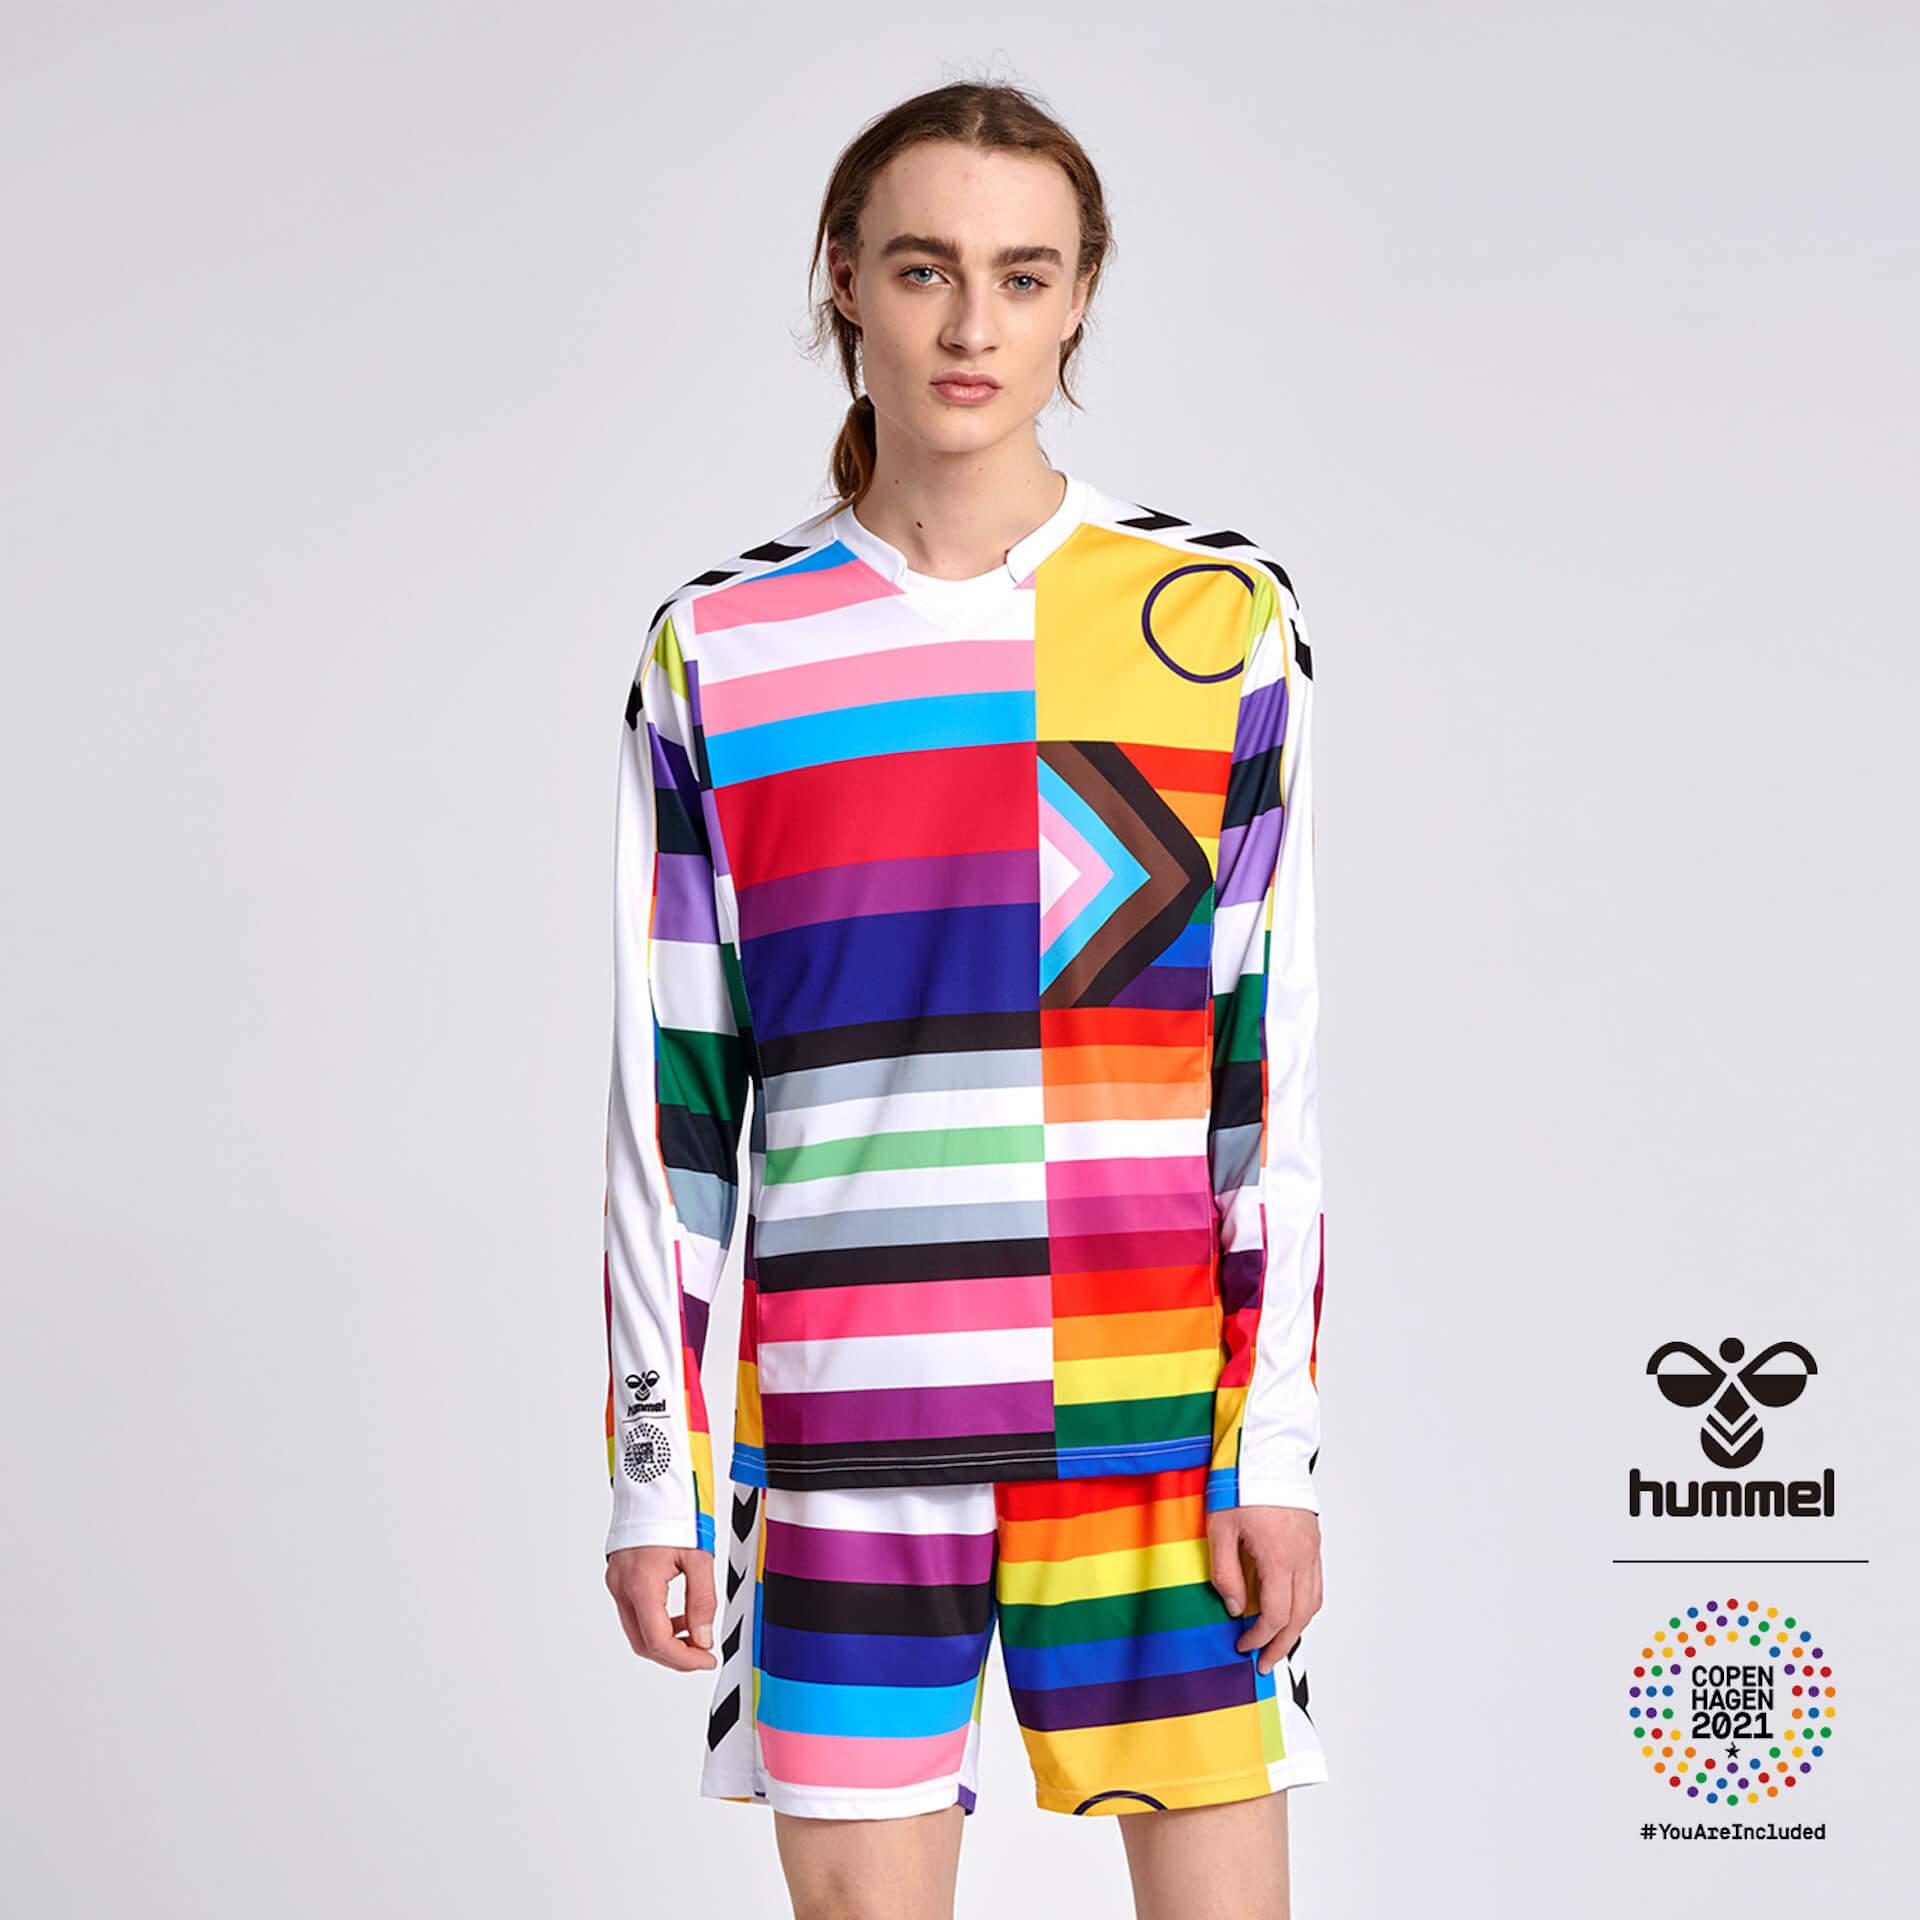 多様性を祝福する「ヒュンメル×コペンハーゲン 2021」コラボグッズが限定発売! Fashion_210706_hummel12